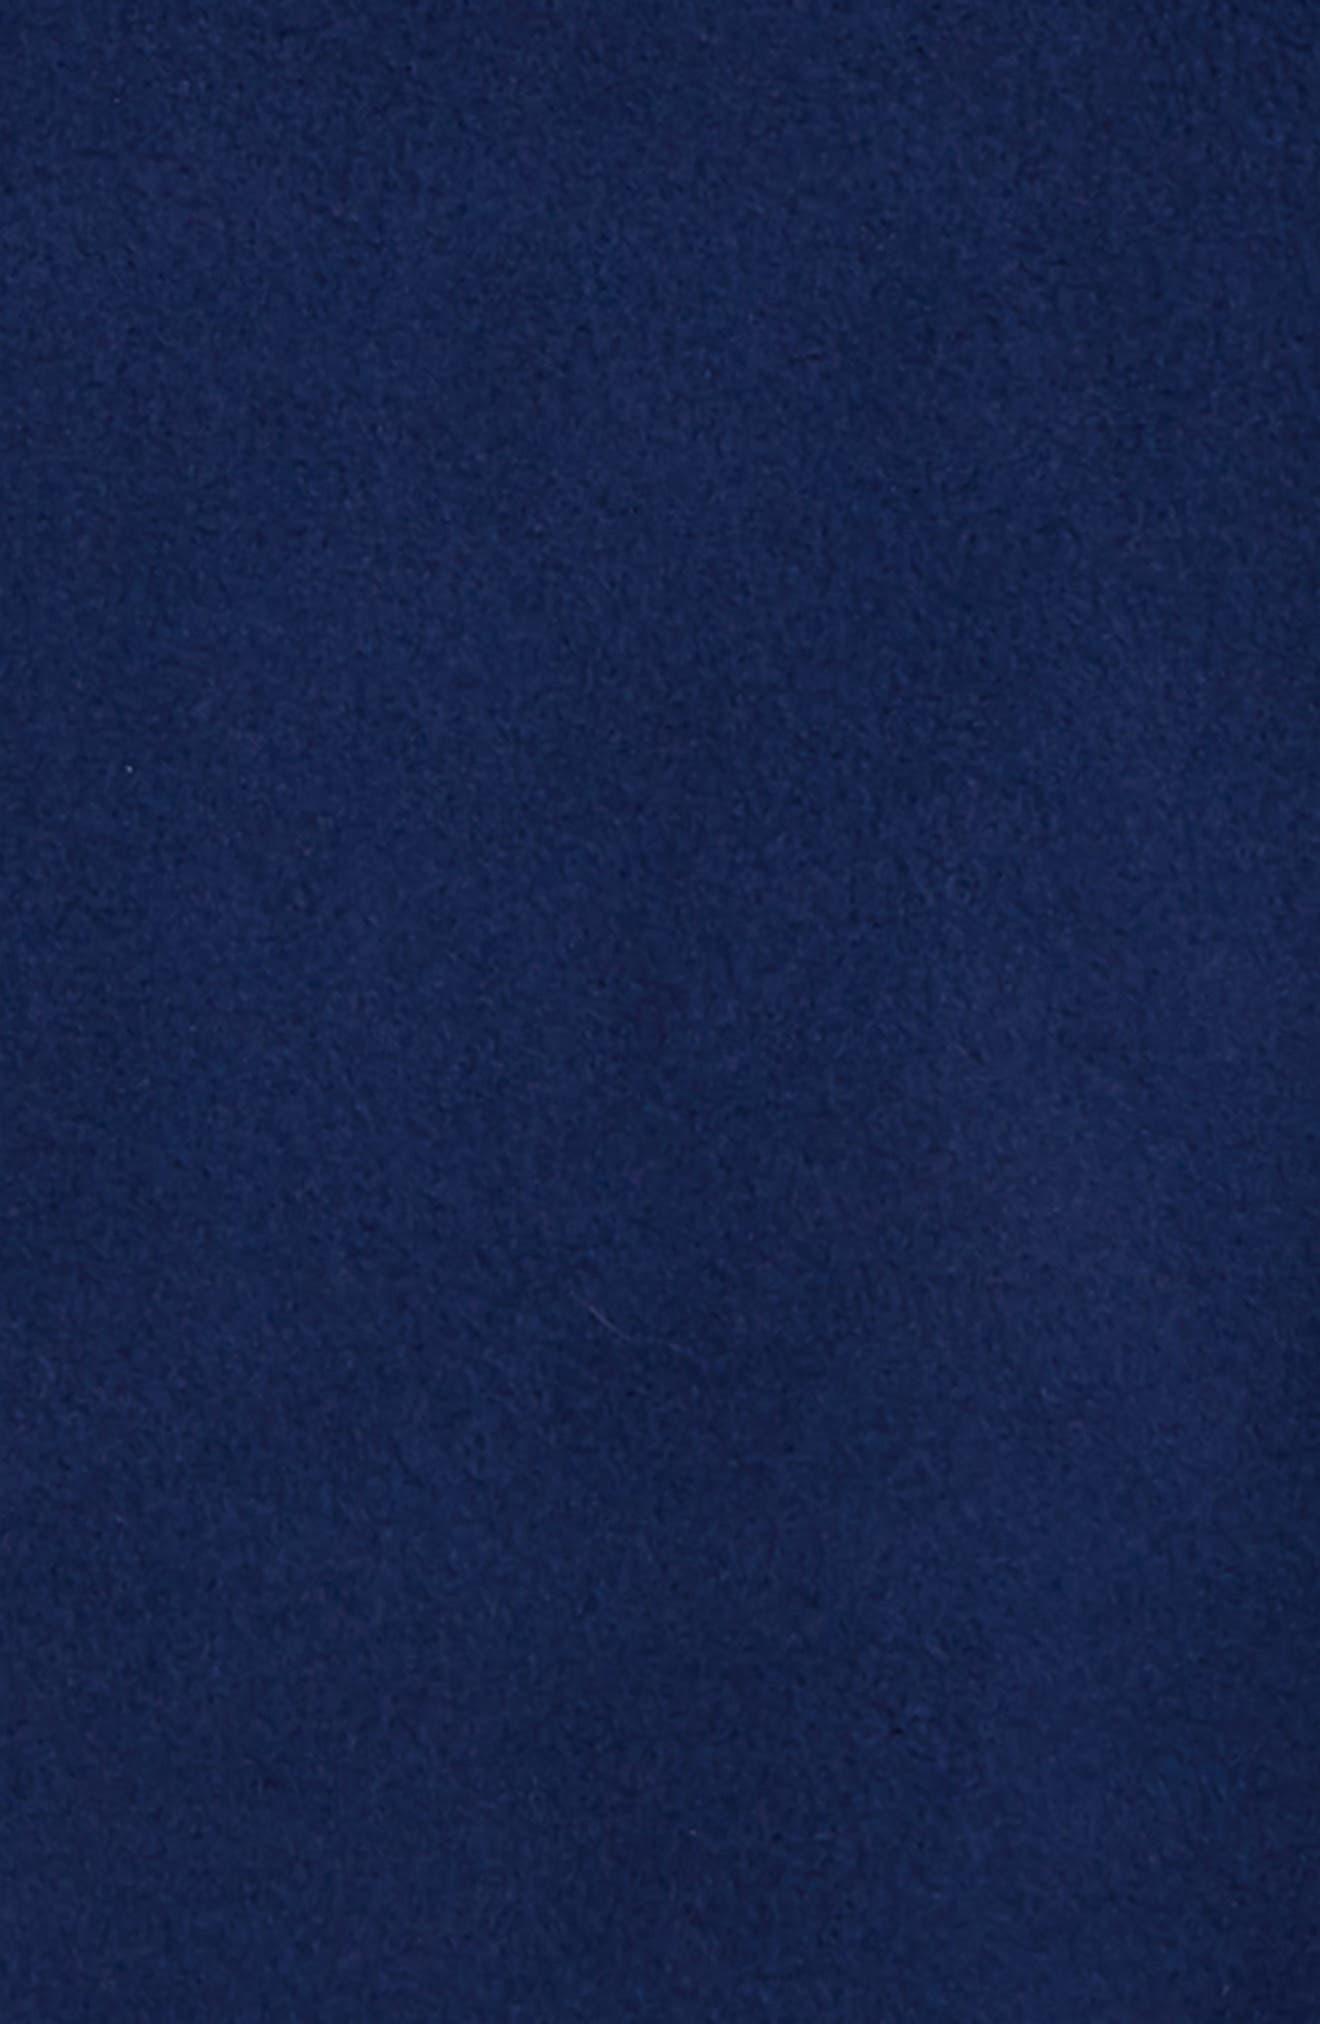 Shep Snap Placket Fleece Pullover,                             Alternate thumbnail 2, color,                             DEEP BAY